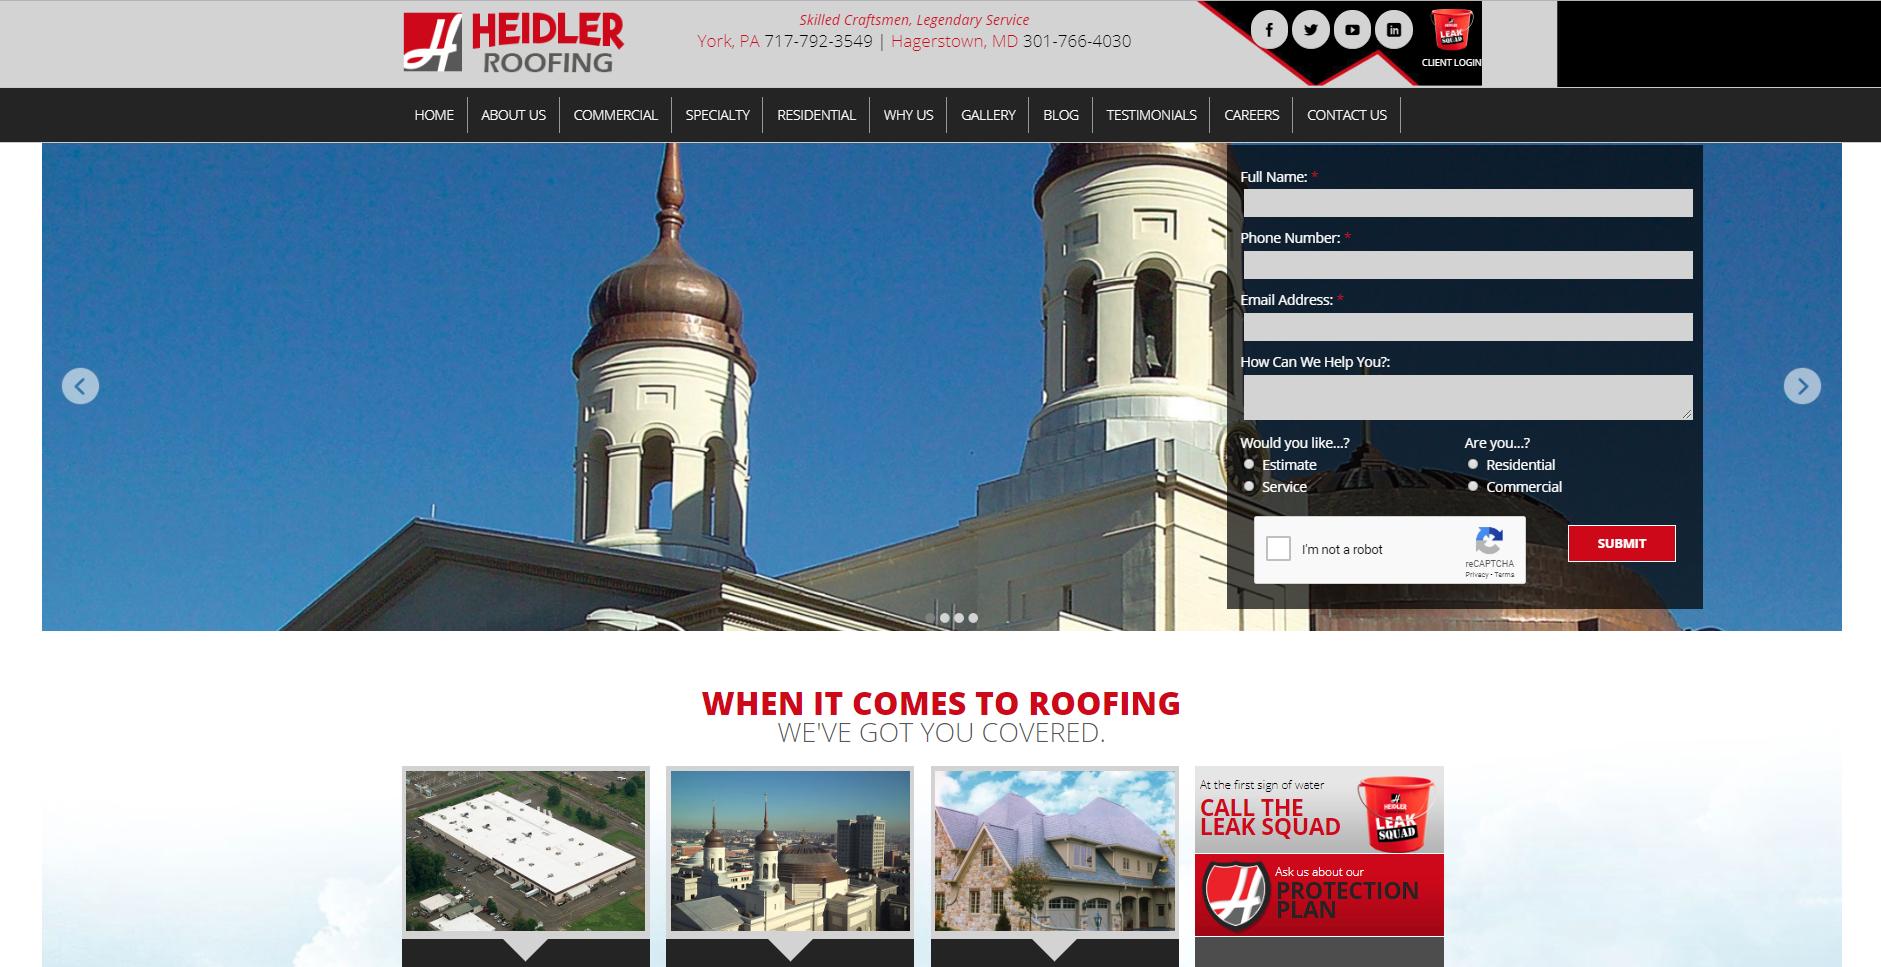 Heidler Roofing Homepage